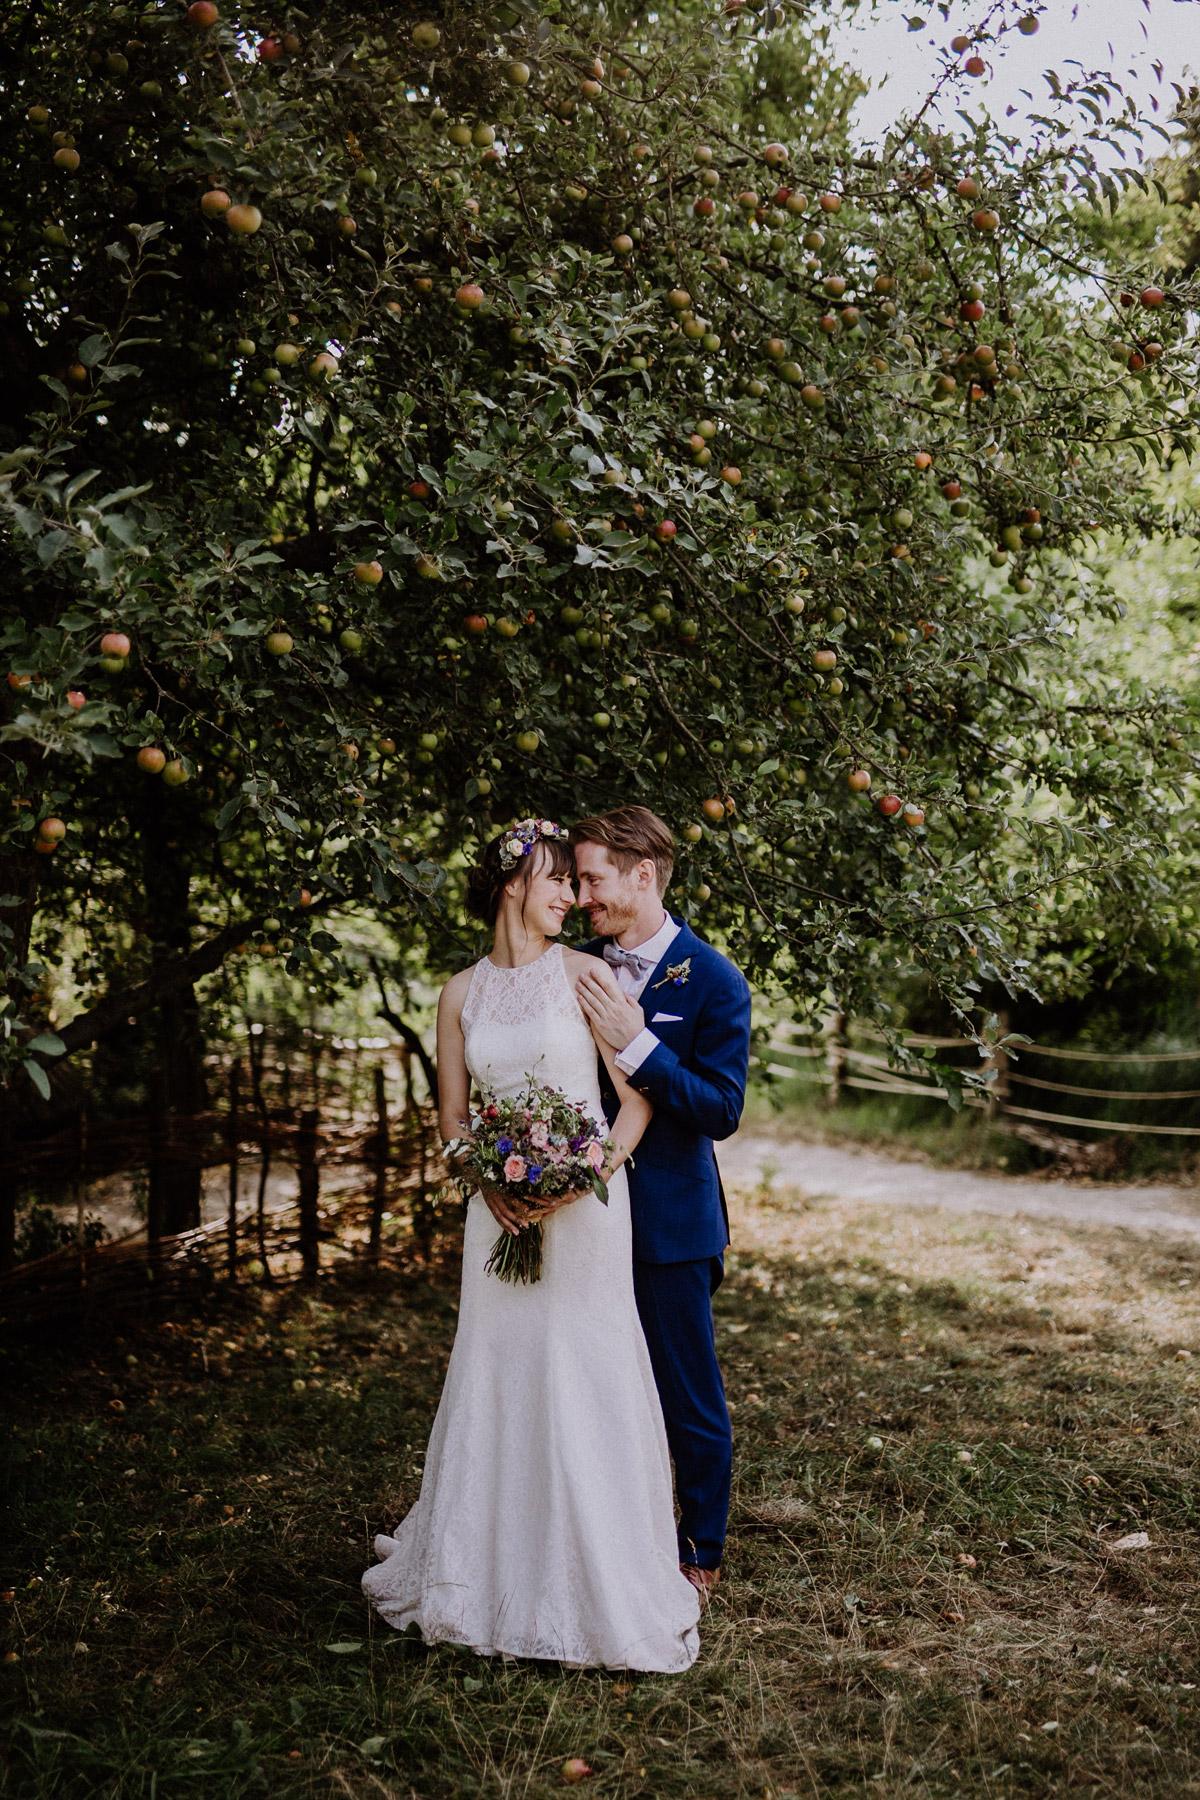 Brautpaarfoto vor Apfelbaum bei Landhochzeit Berlin - Hochzeitsvilla Zehlendorf Berlin Hochzeitsfotograf © www.hochzeitslicht.de